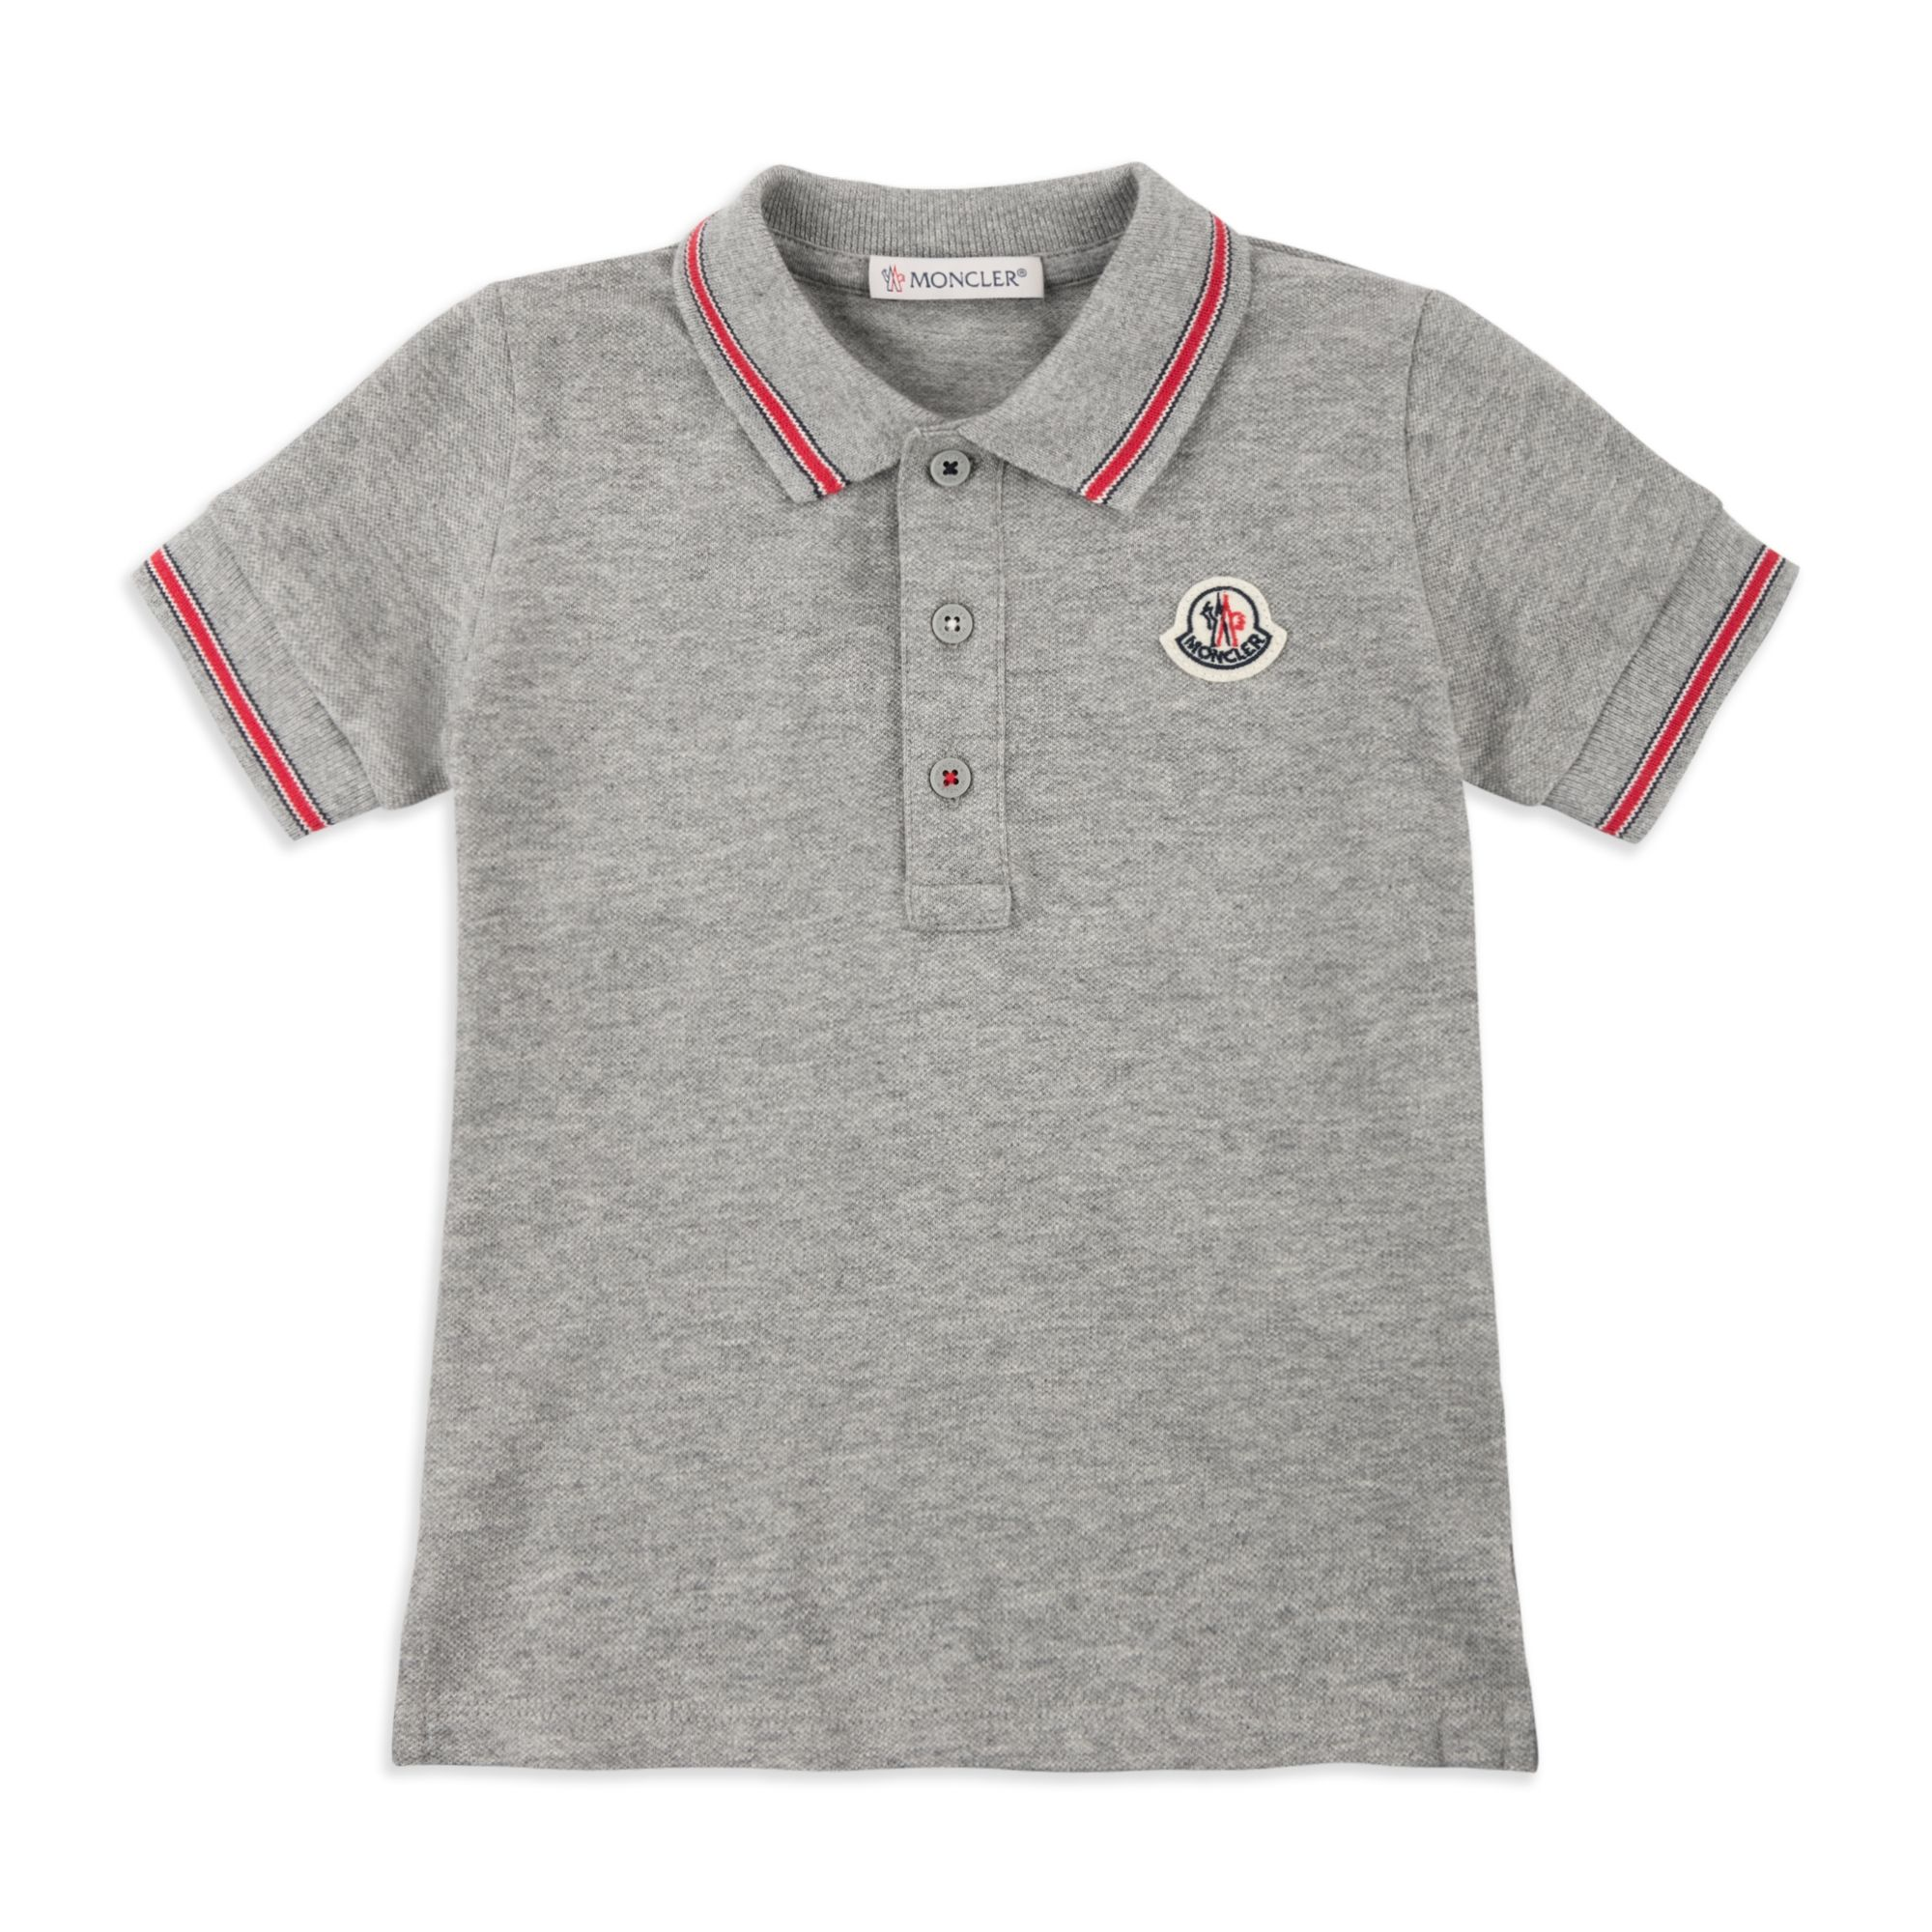 c6342c3e6 MONCLER Baby Boys Tipped Pique Polo - Grey Baby short sleeve polo •  Lightweight cotton pique • Three button placket • Tipped collar and cuffs •  Logo ...